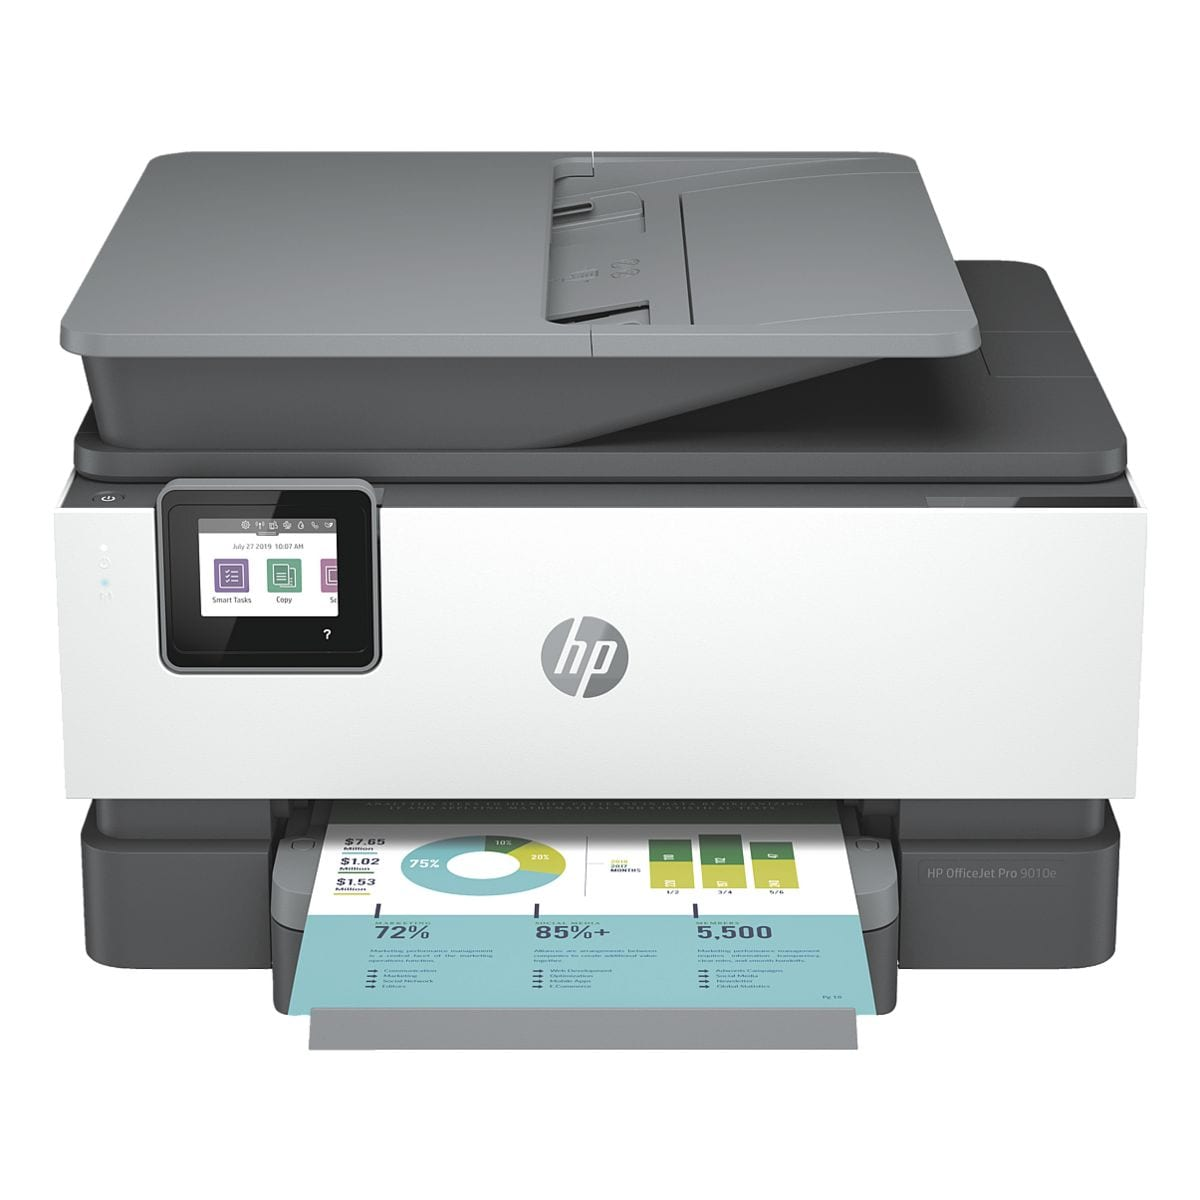 HP Multifunktionsdrucker »OfficeJet Pro 9010e«